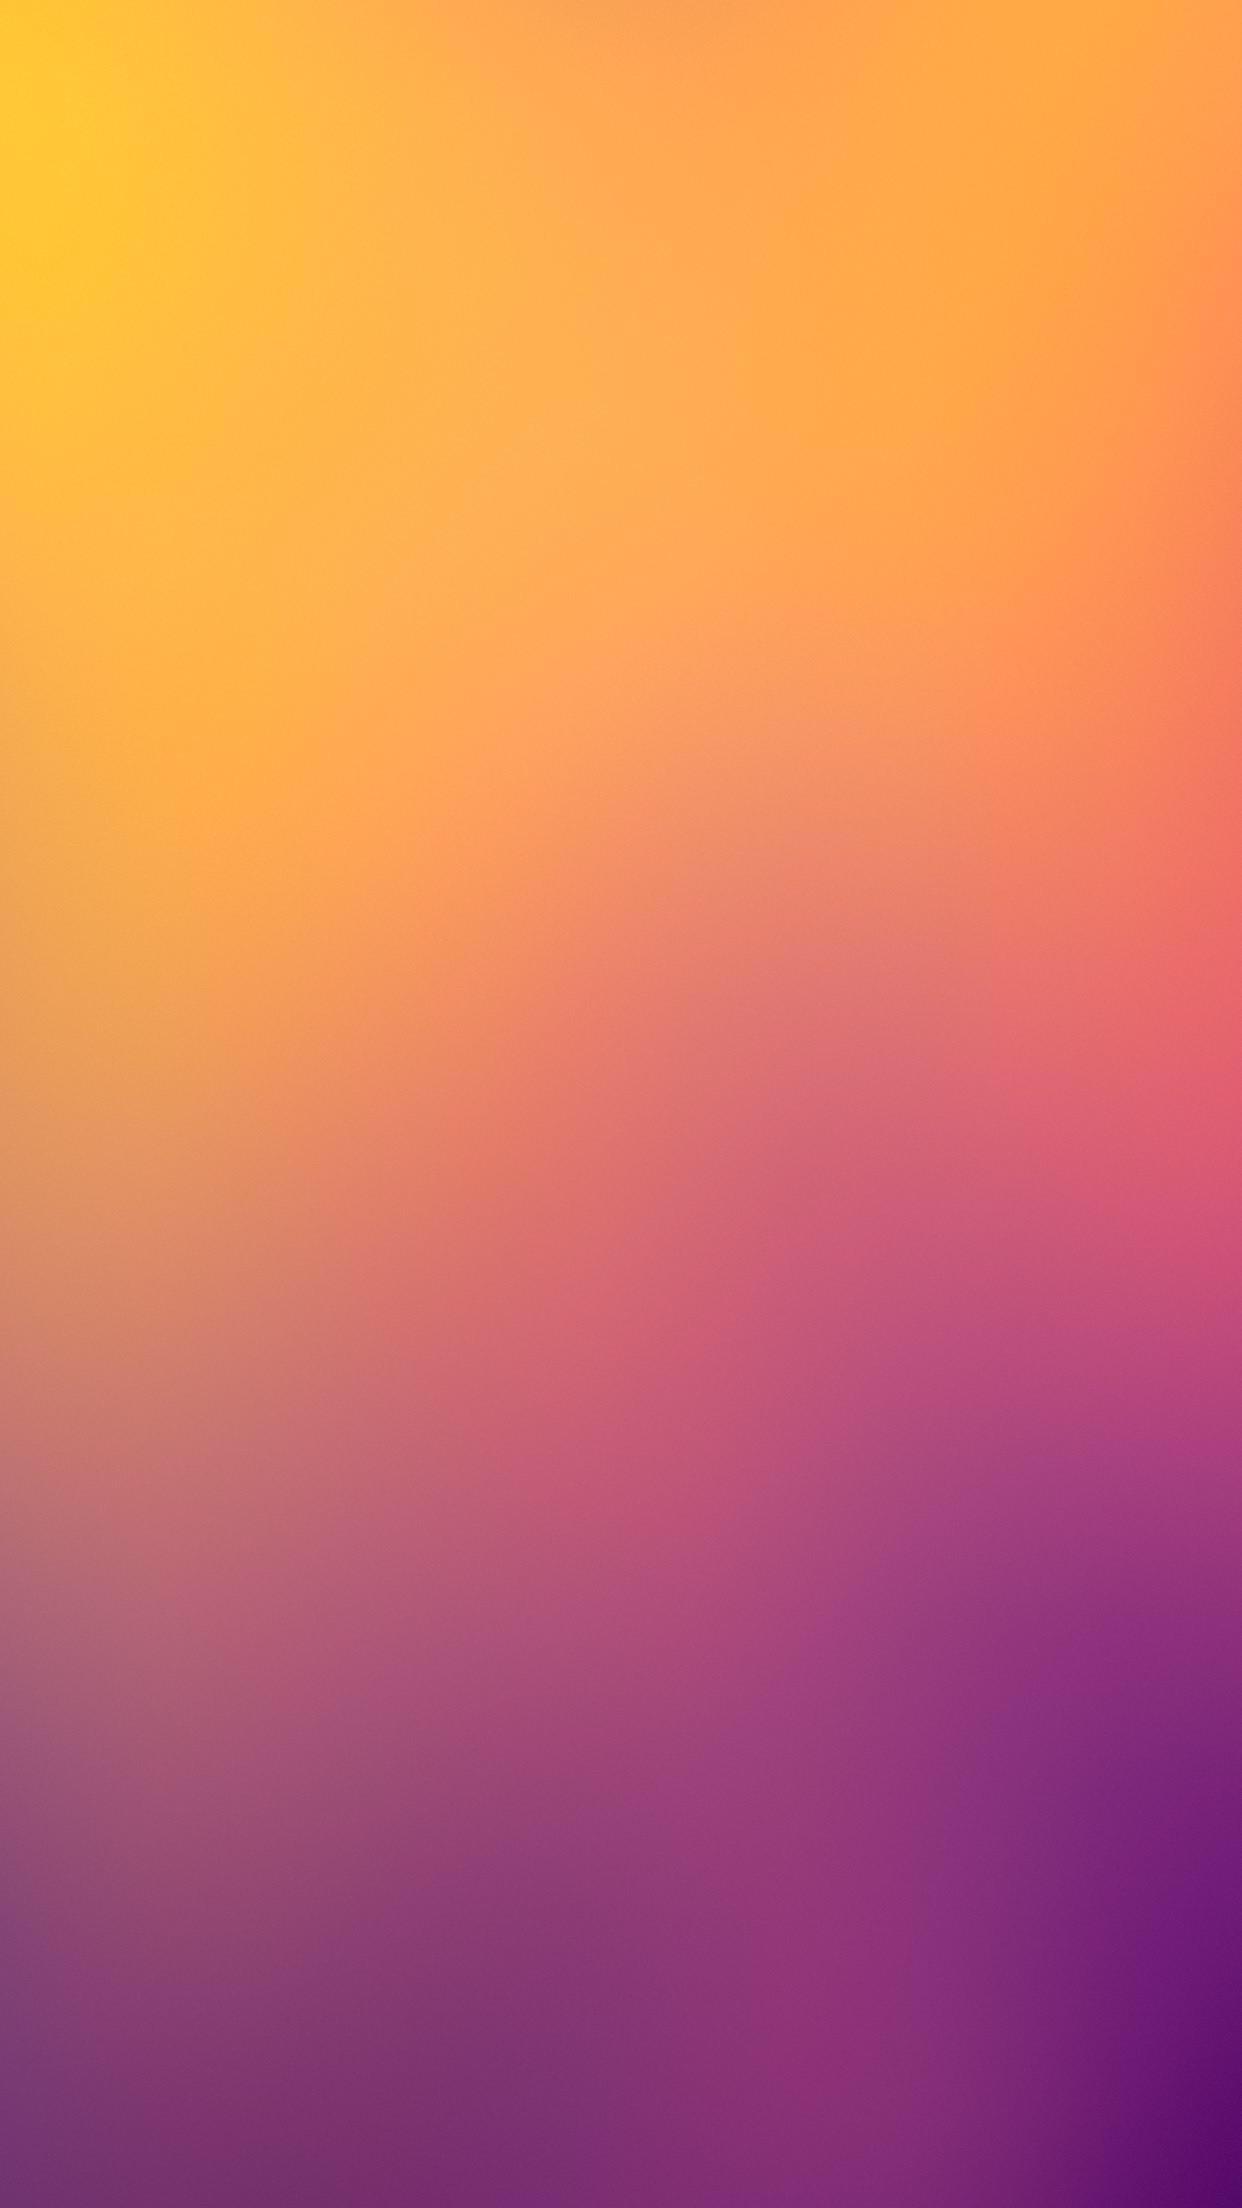 Sfondi colorati free